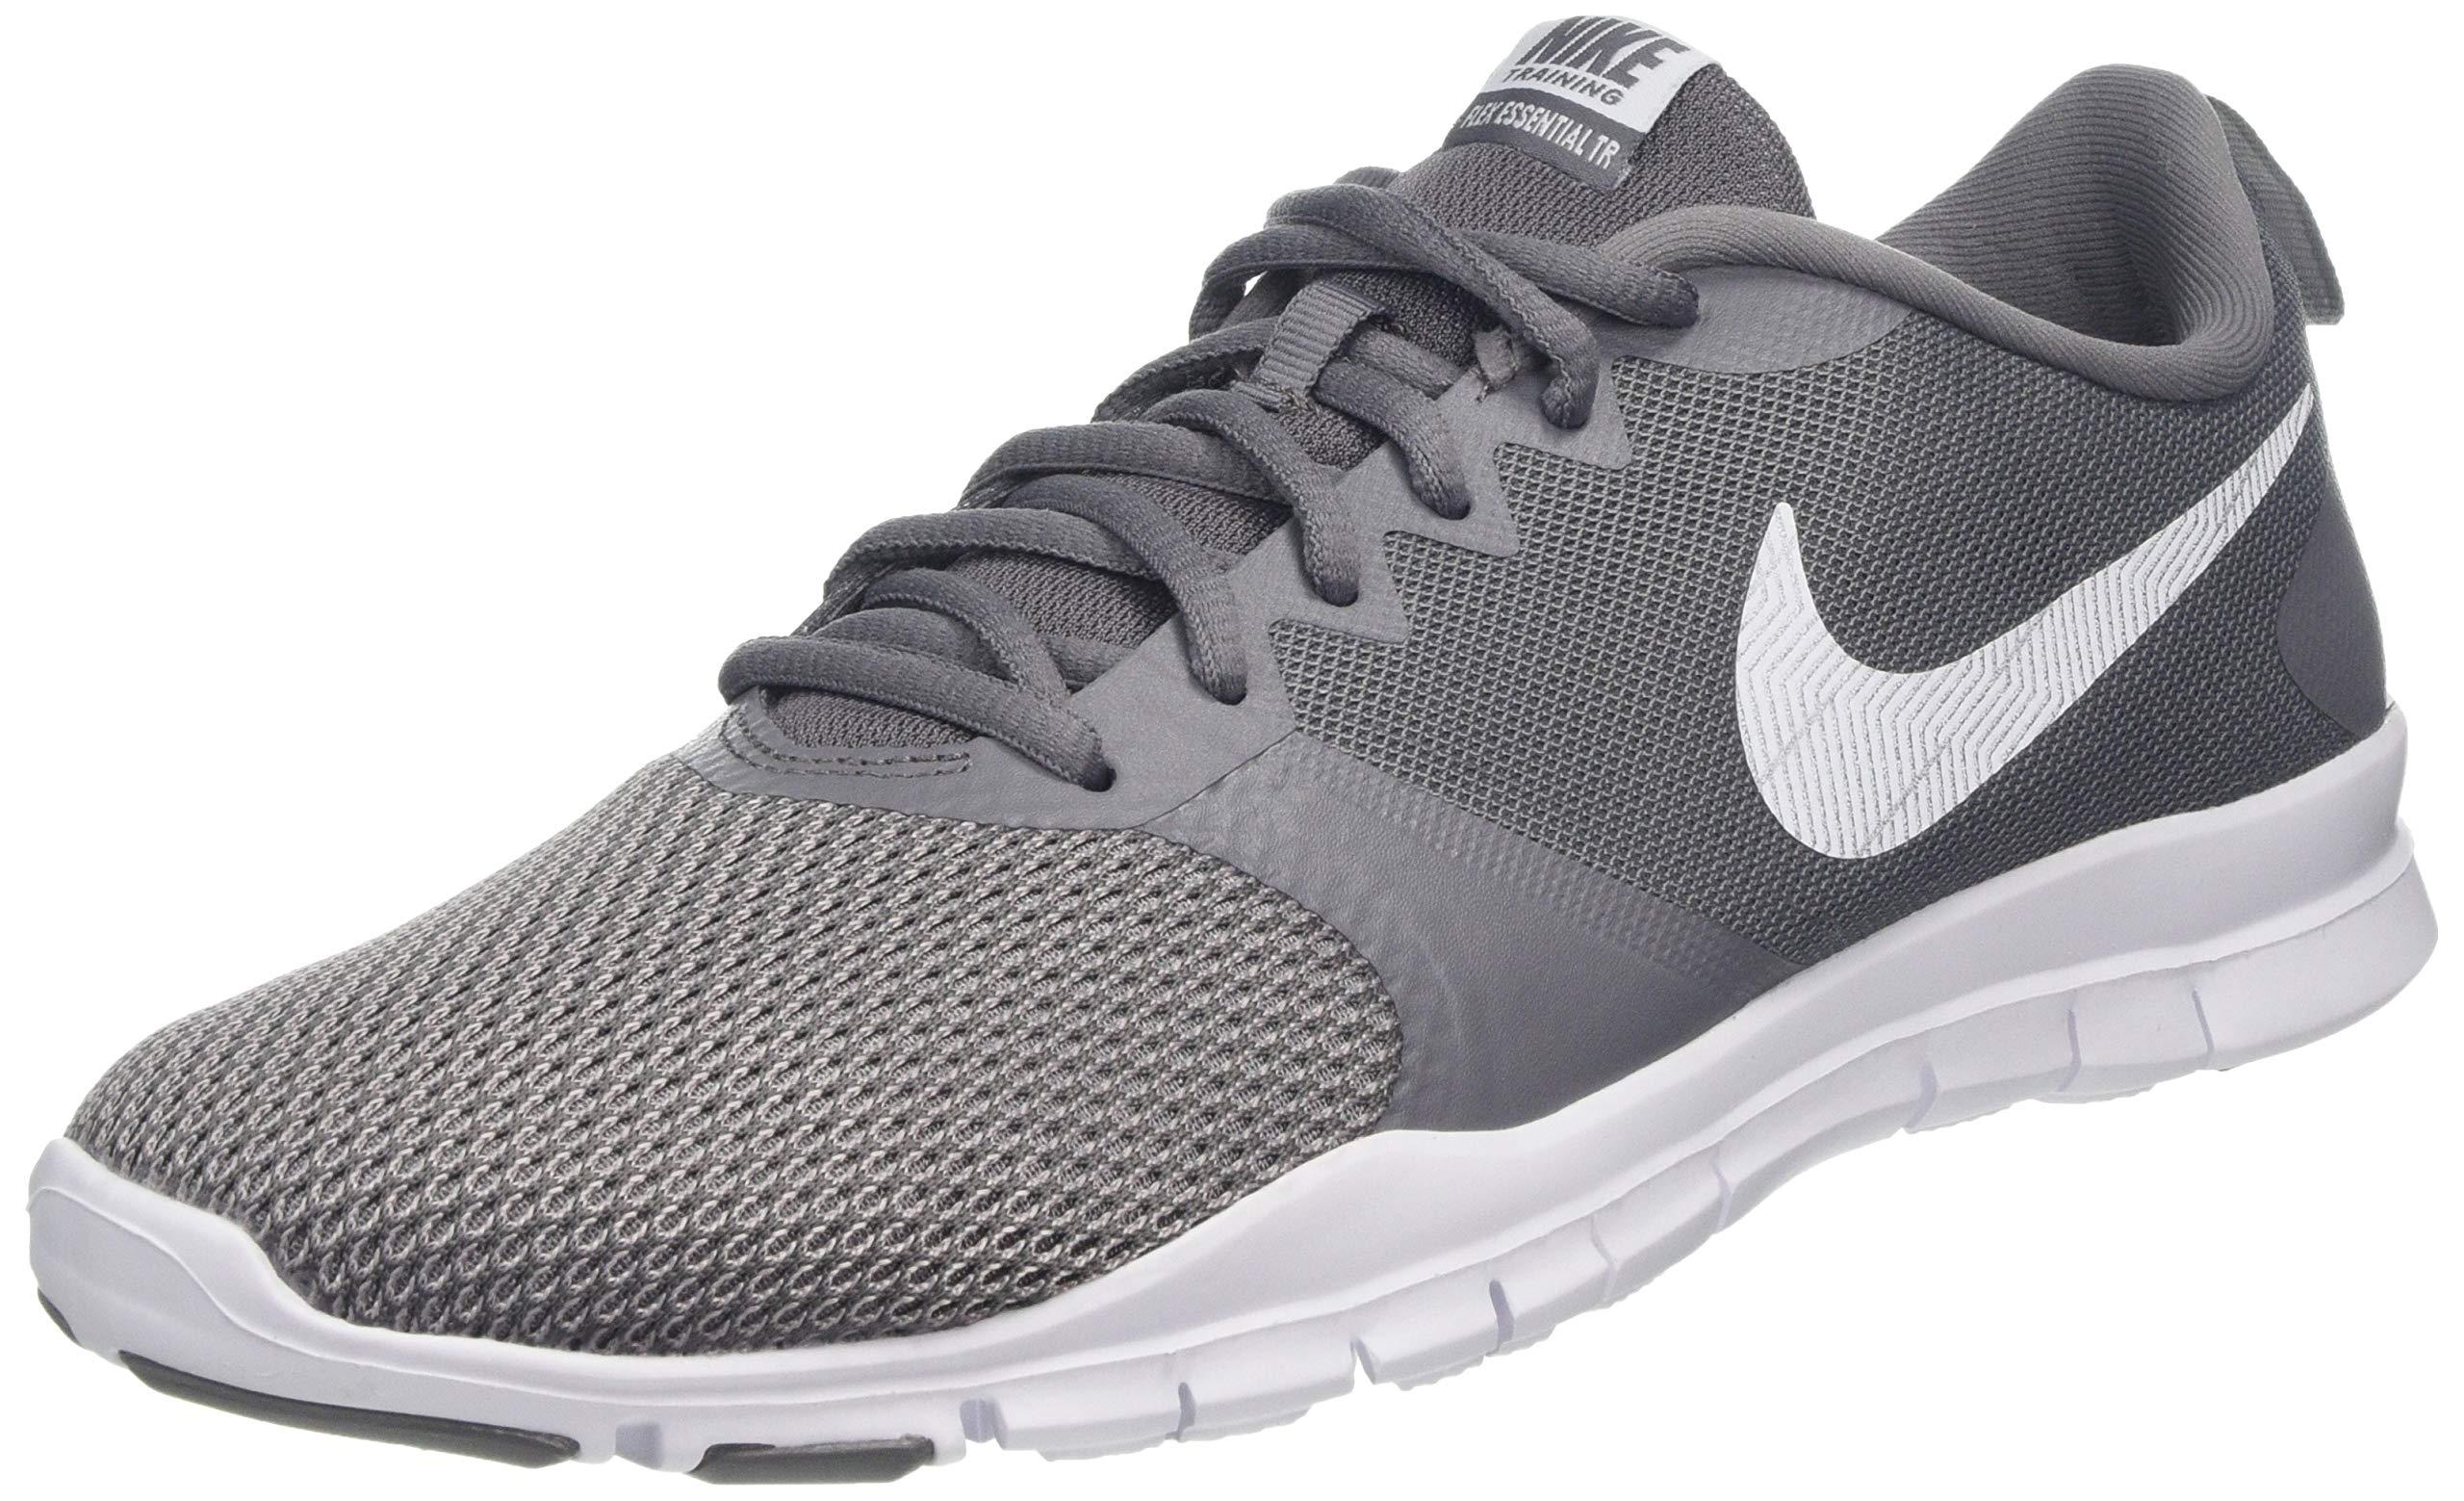 5bd9559797 Galleon - Nike Womens Flex Essential Training Shoes (9 M US,  Gunsmoke/White/Atmosphere Grey)